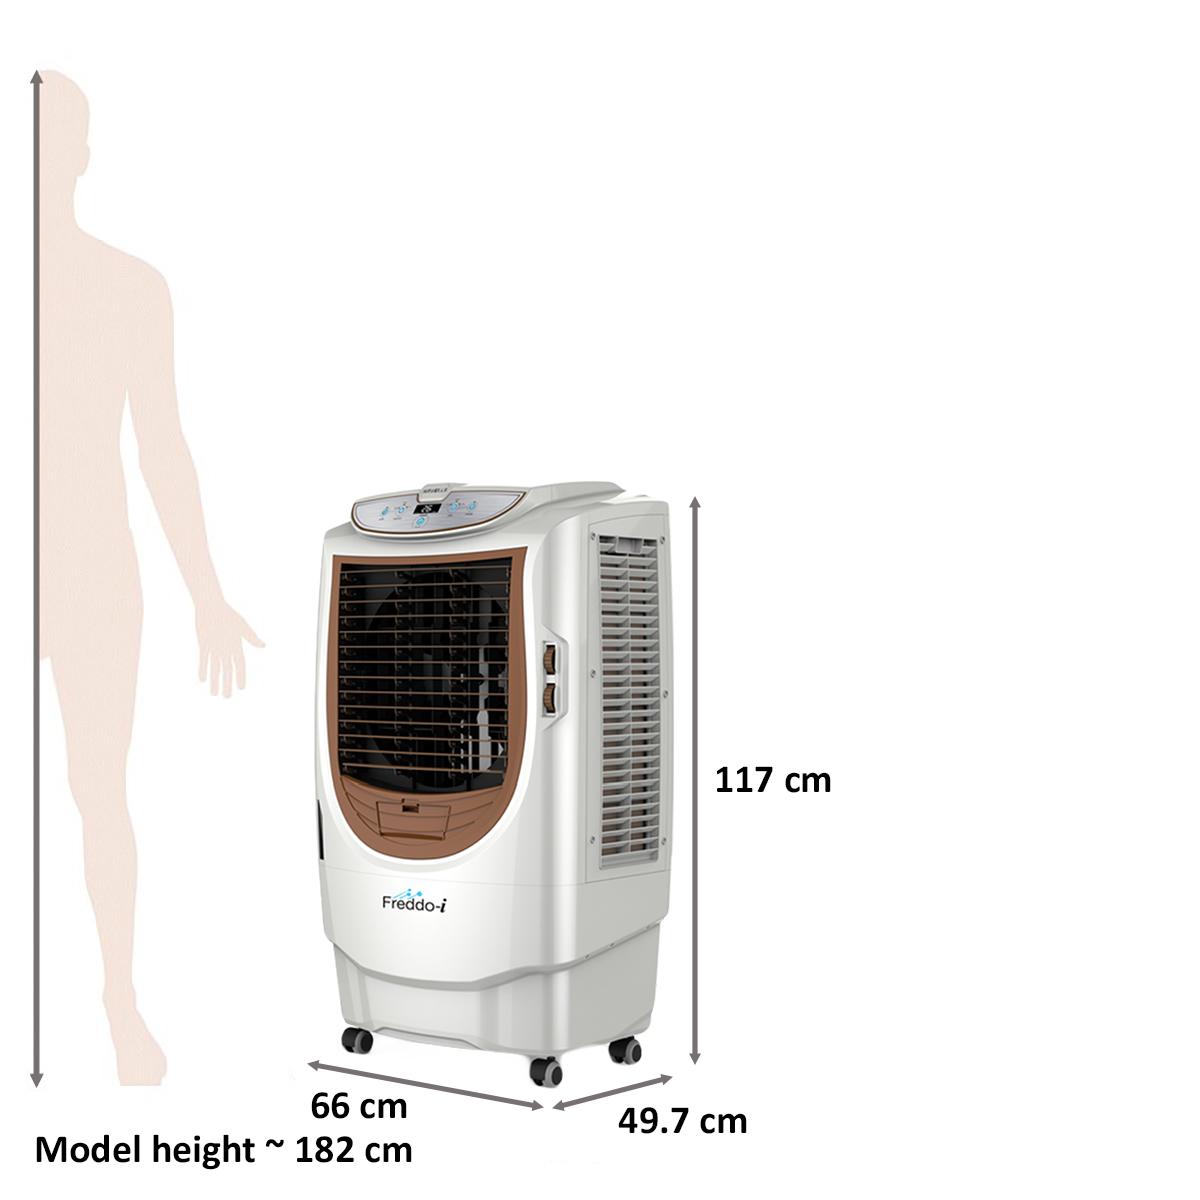 Havells 70 Litres Desert Air Cooler (Freddo I, White)_2